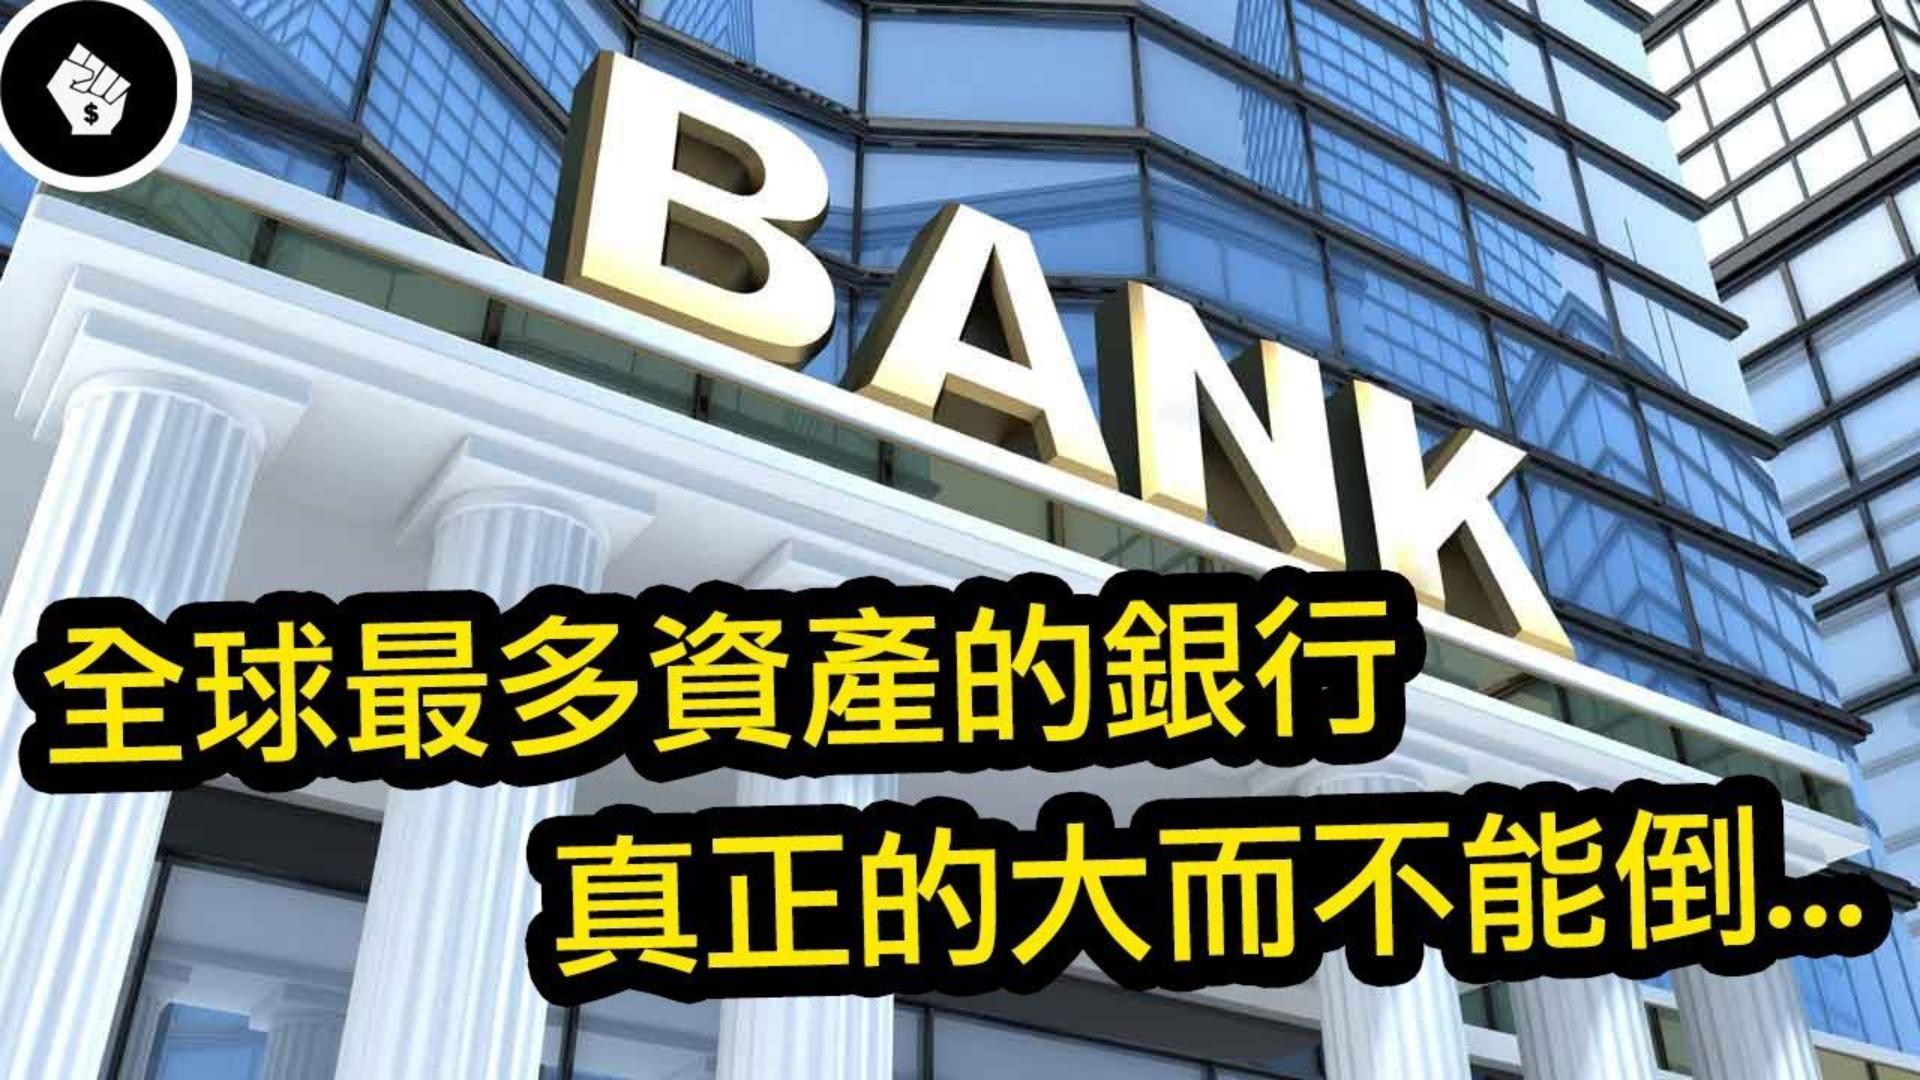 全球拥有最多资产的十间银行,真正的大到不能倒!